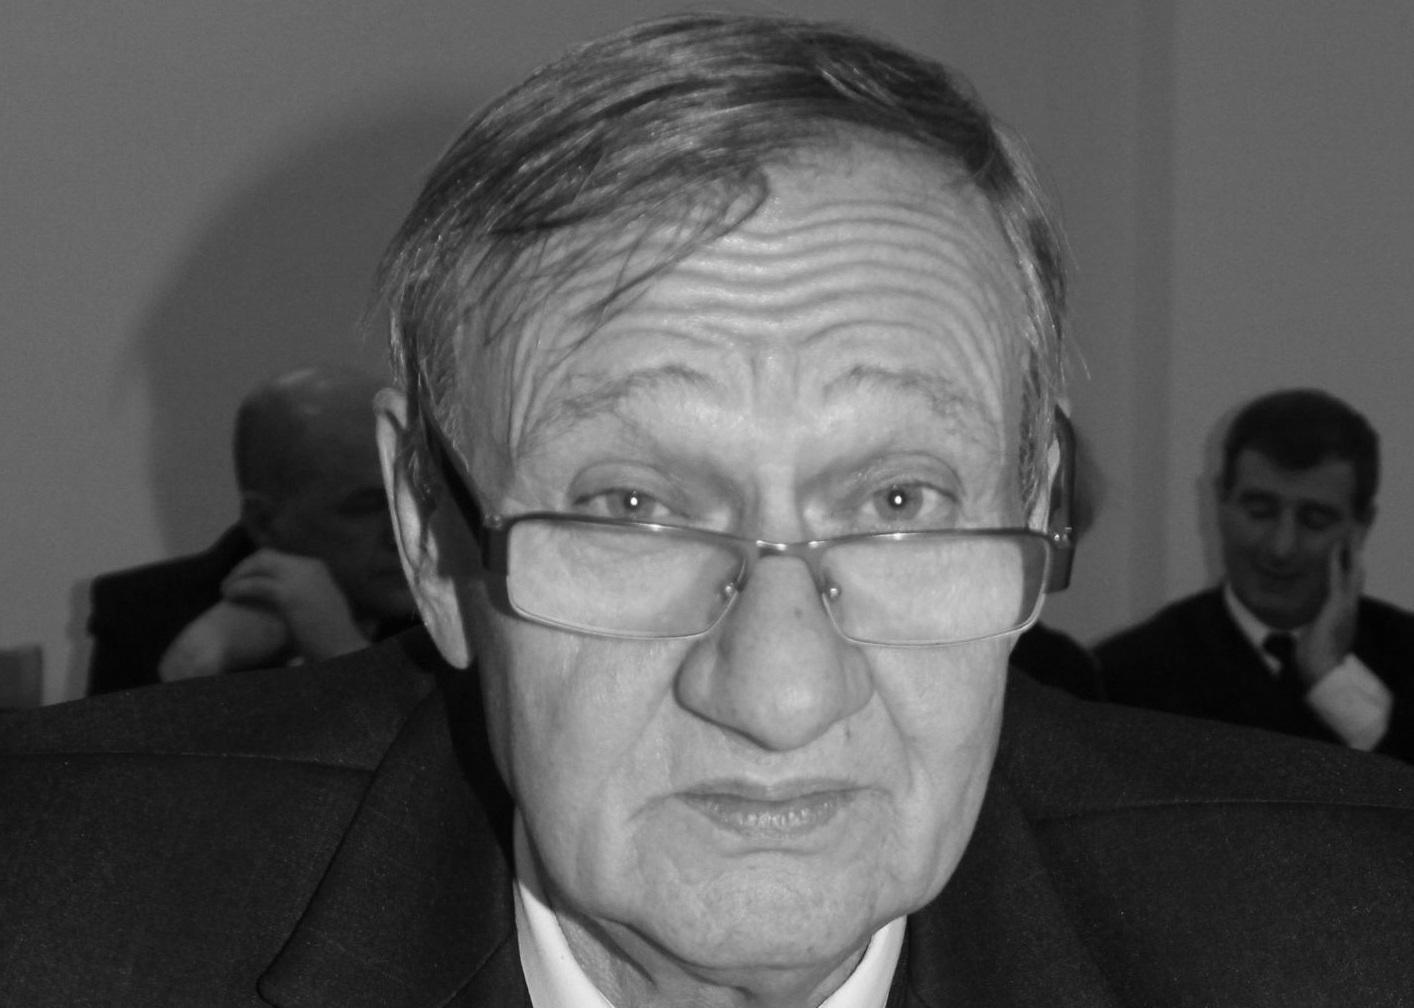 Odszedł radny Stefan Parafiniuk  - Zdjęcie główne